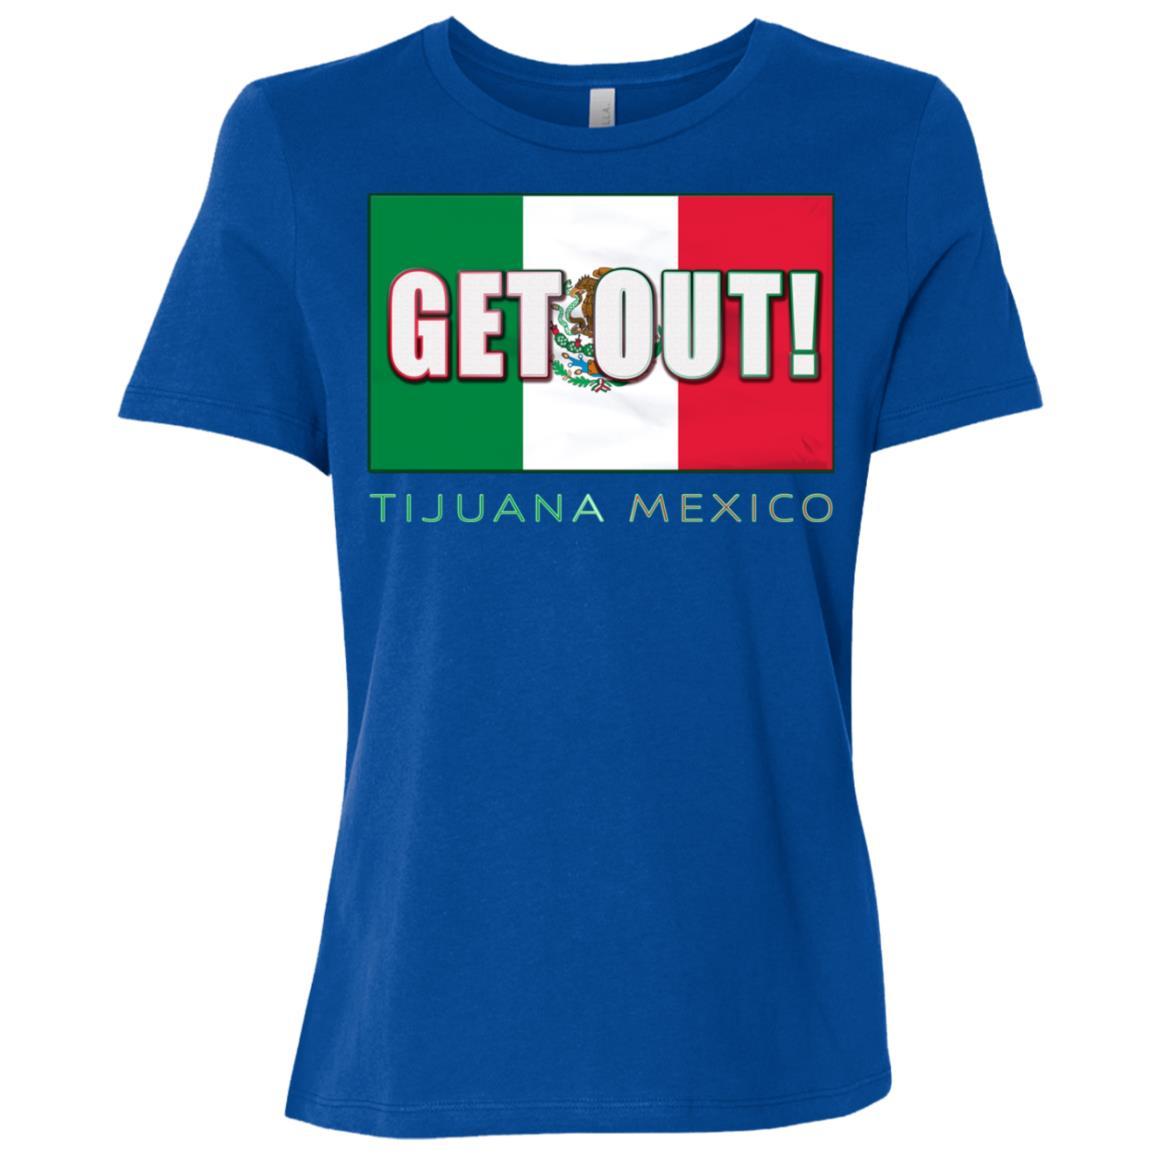 Make Tijuana Mexico Great Again Funny Gift Idea s-4 Women Short Sleeve T-Shirt